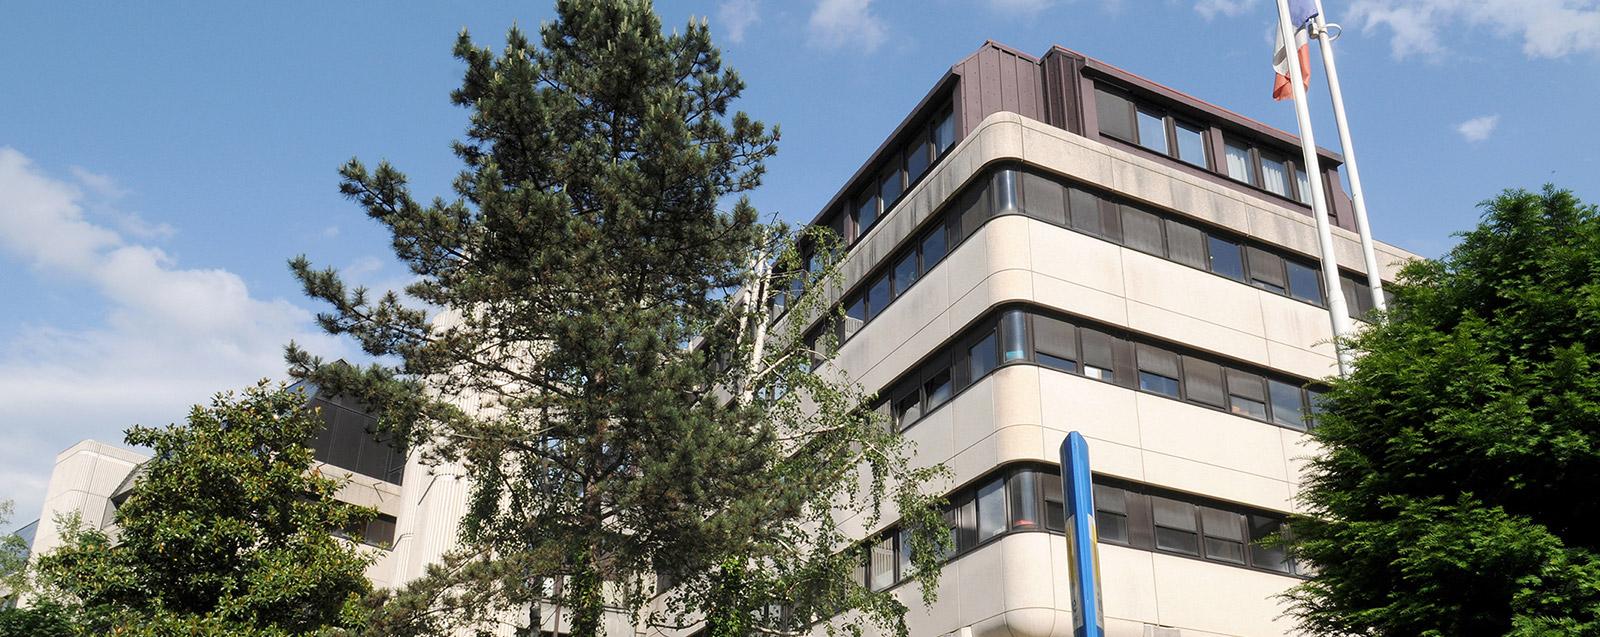 Hôtel du Département de l'Isère, à Grenoble